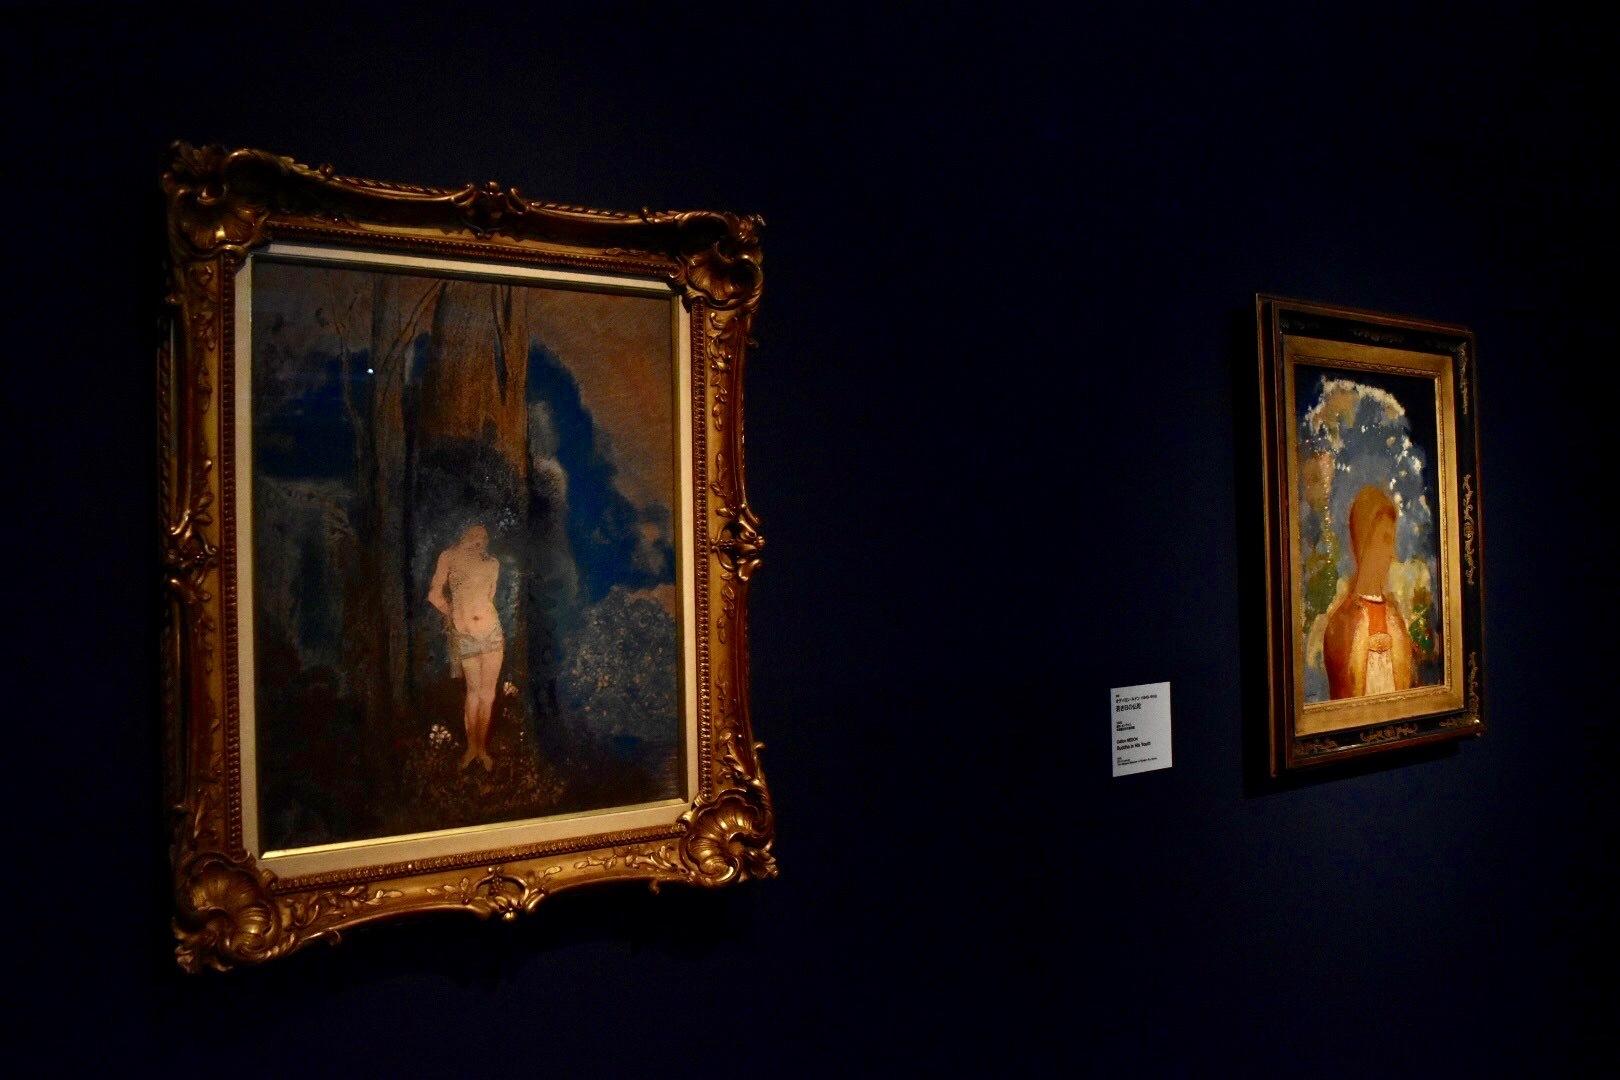 左から:《聖セバスティアヌス》 オディロン・ルドン 1910-13年頃 群馬県立近代美術館蔵、《若き日の仏陀》 オディロン・ルドン 1905年 京都国立近代美術館蔵